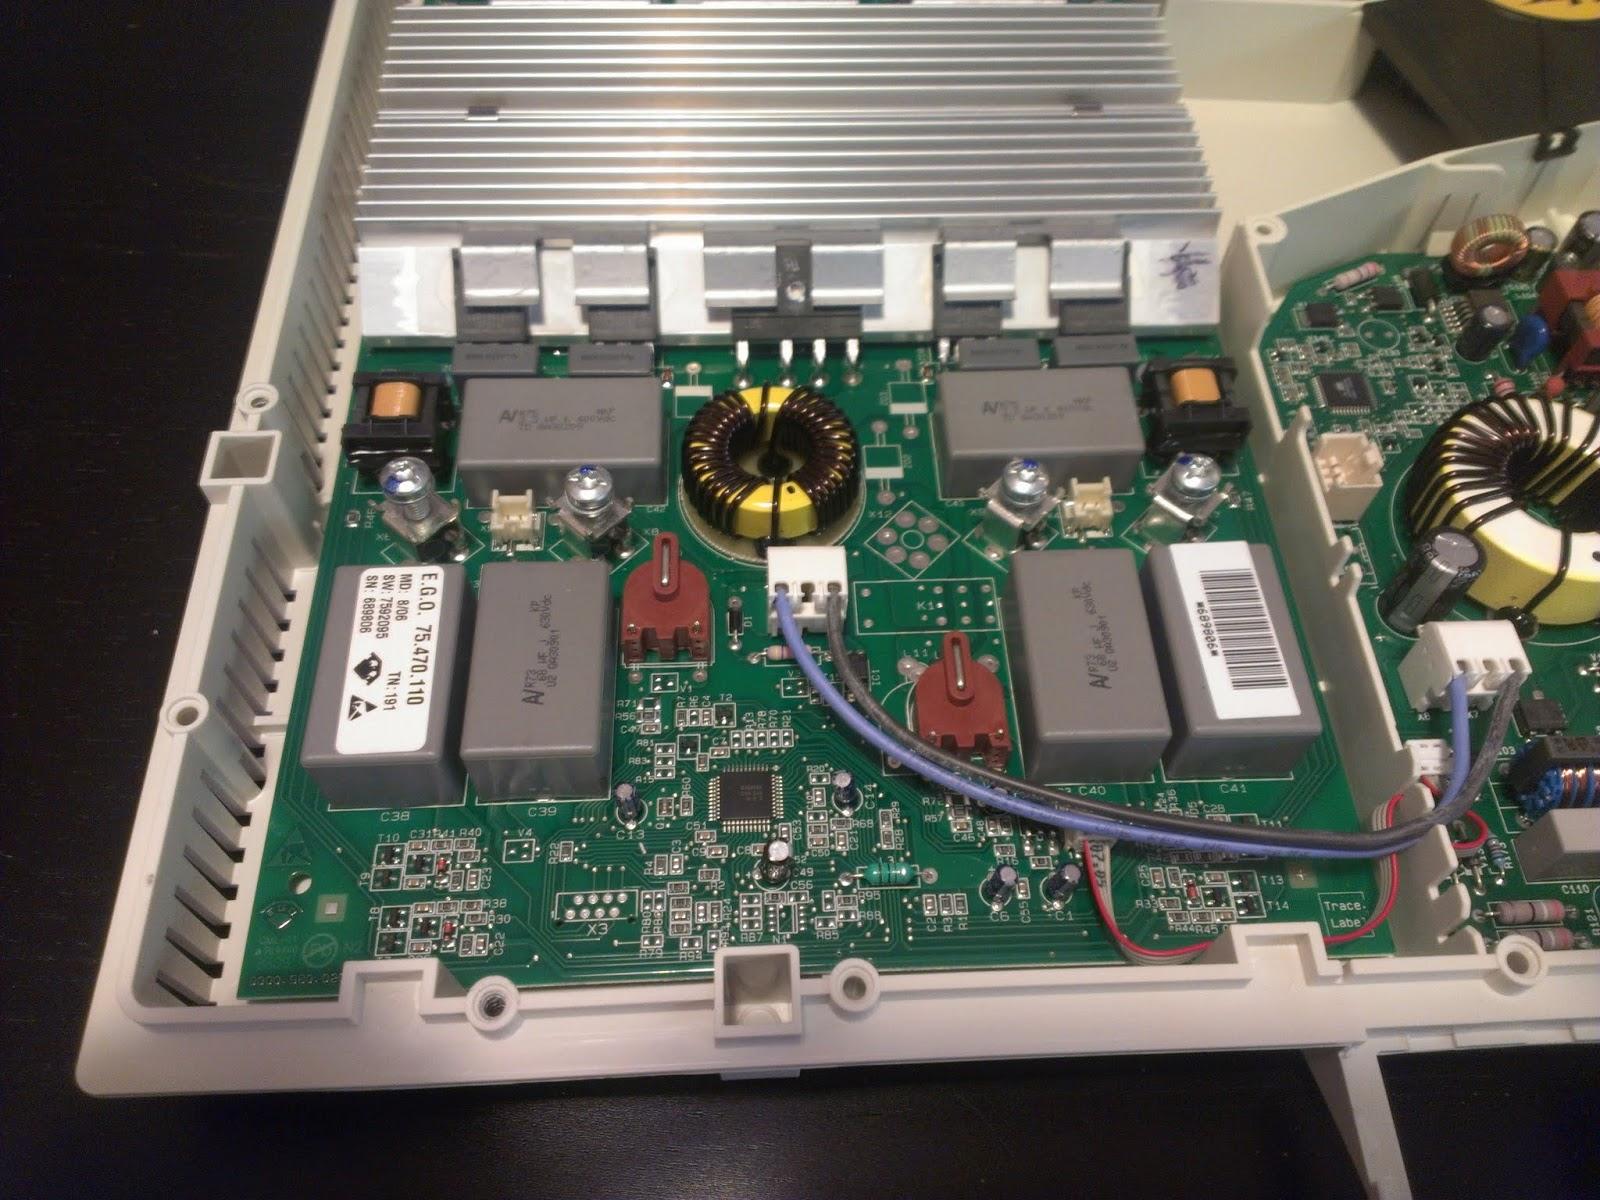 Siemens induktionskochfeld blinkt e induktionskochfeld kaputt u